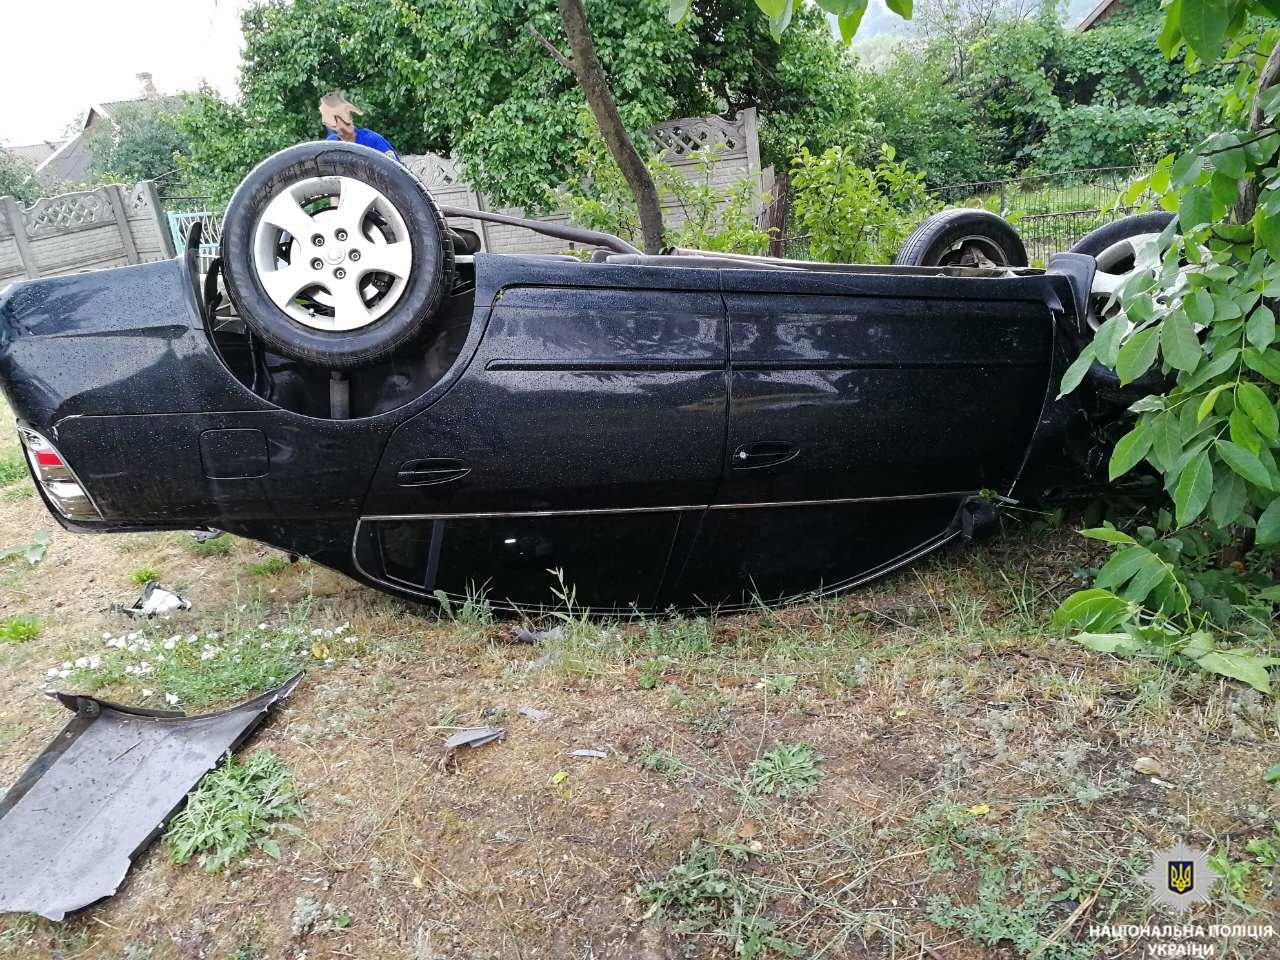 На Днепропетрощине пьяный водитель сбил двух женщин насмерть, - ФОТО, фото-2